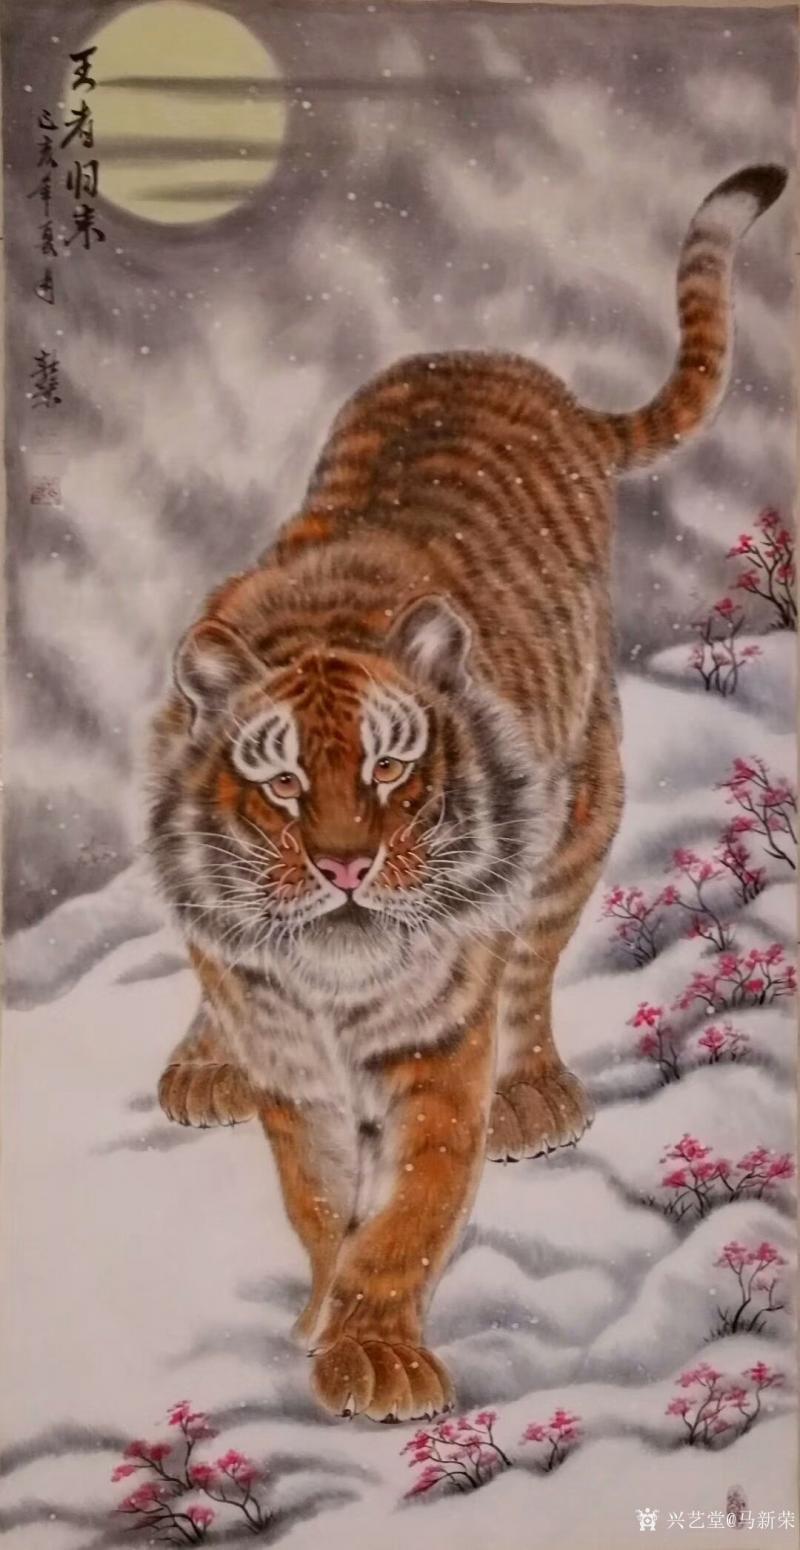 马新荣国画作品《虎—王者归来》